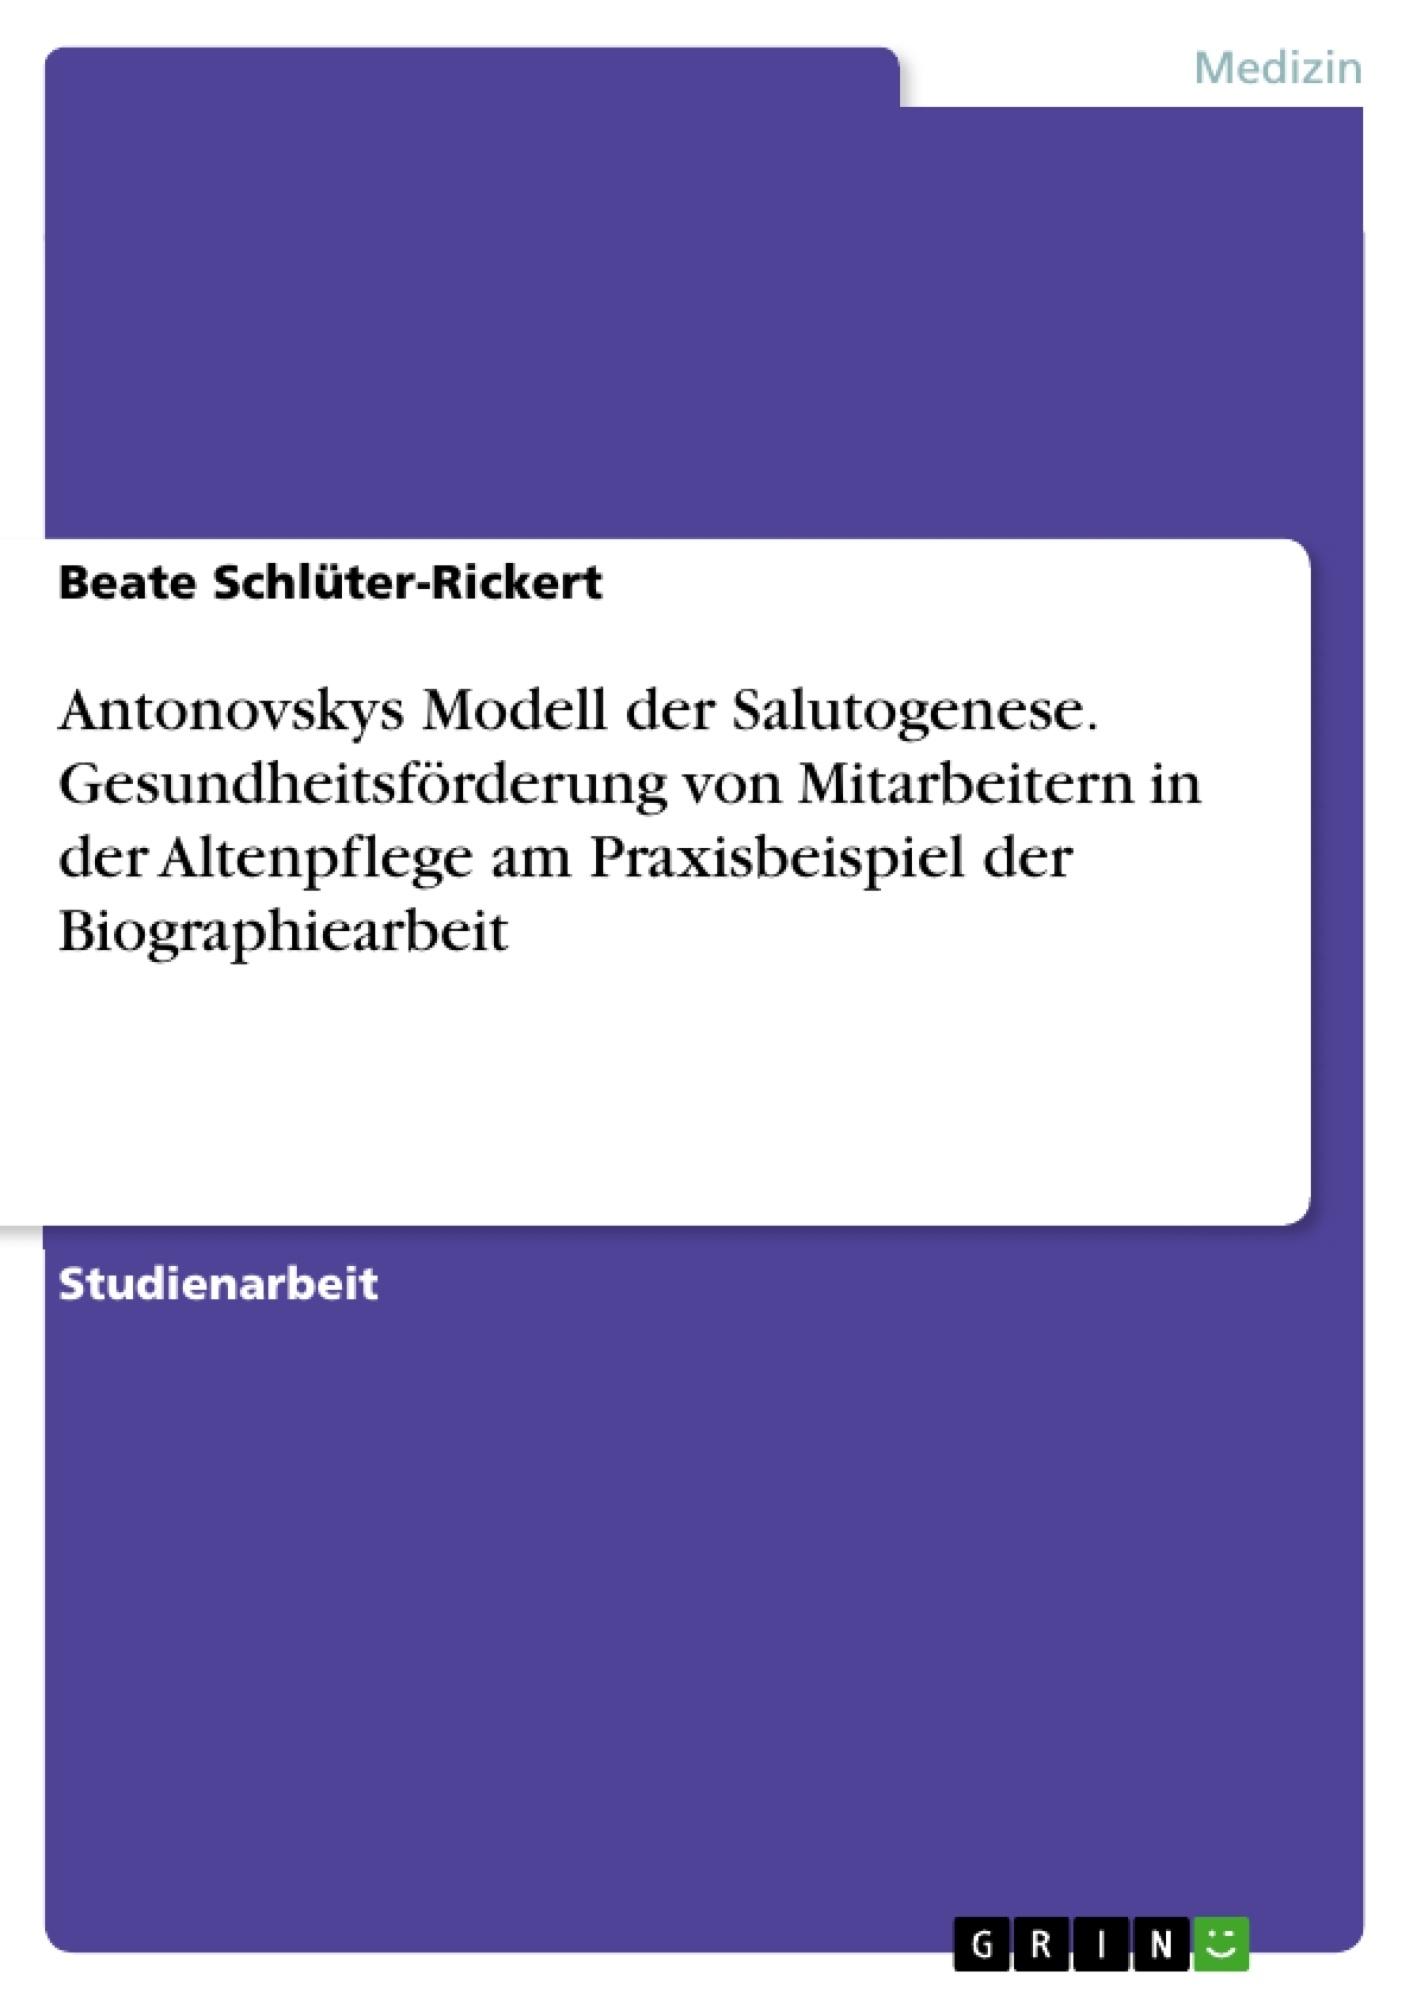 Titel: Antonovskys Modell der Salutogenese. Gesundheitsförderung von Mitarbeitern in der Altenpflege am Praxisbeispiel der Biographiearbeit